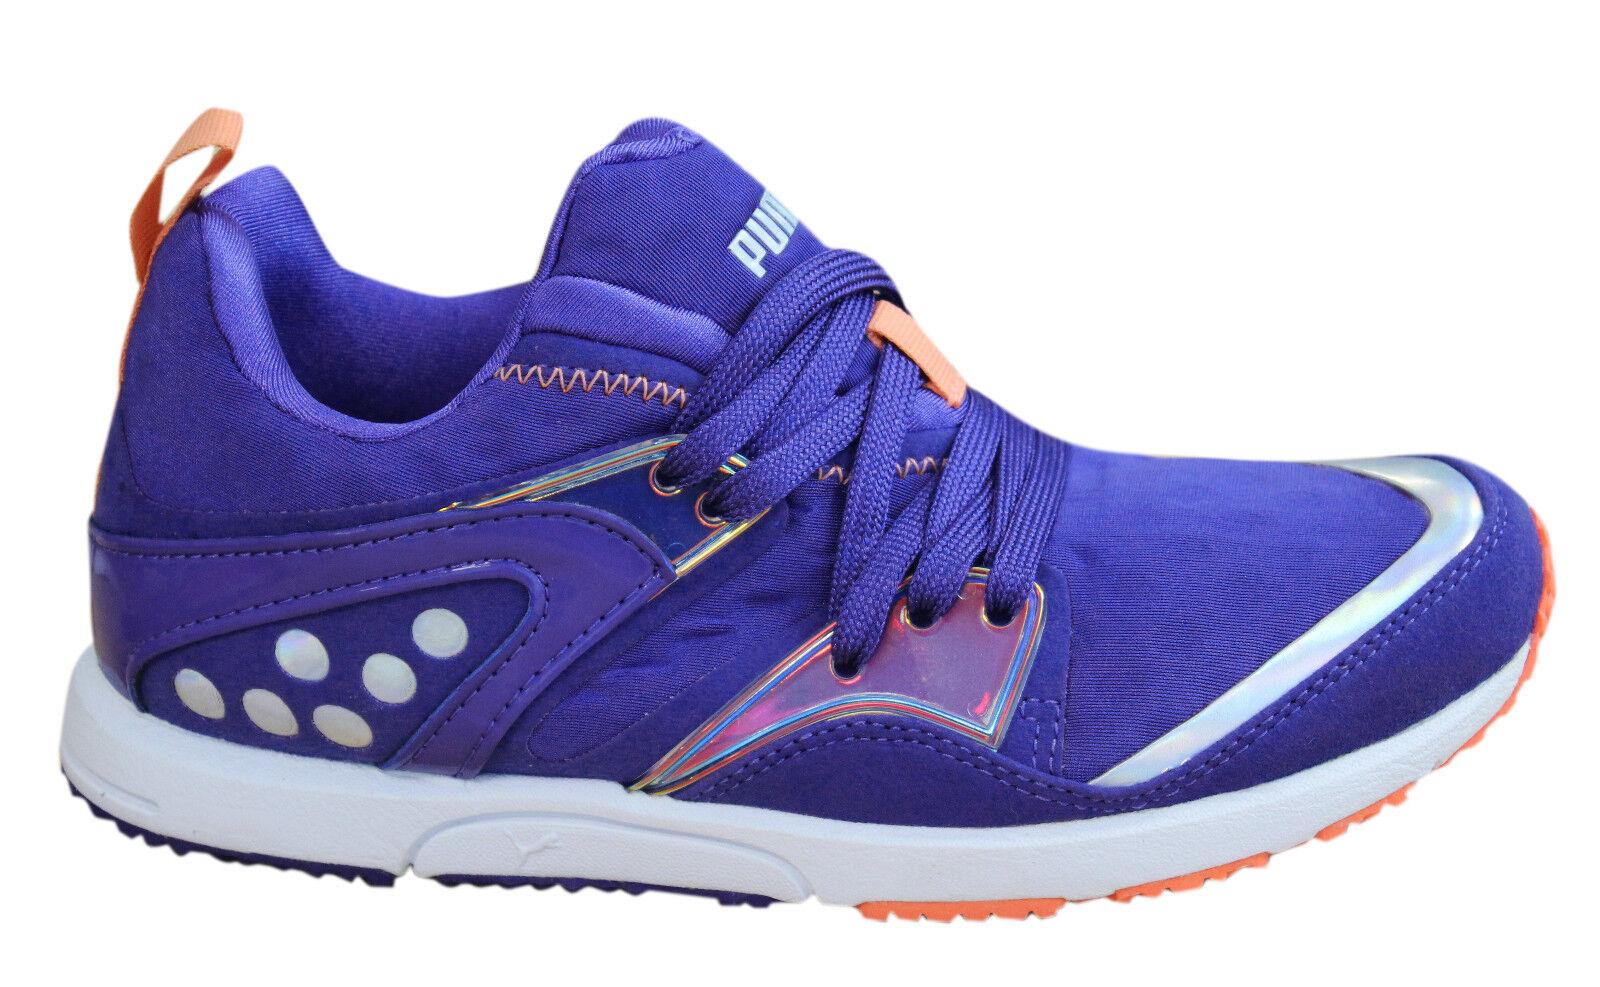 Puma Futuro BLAZE LITE irides Zapatillas de mujer Zapatos SIN CIERRES púrpura